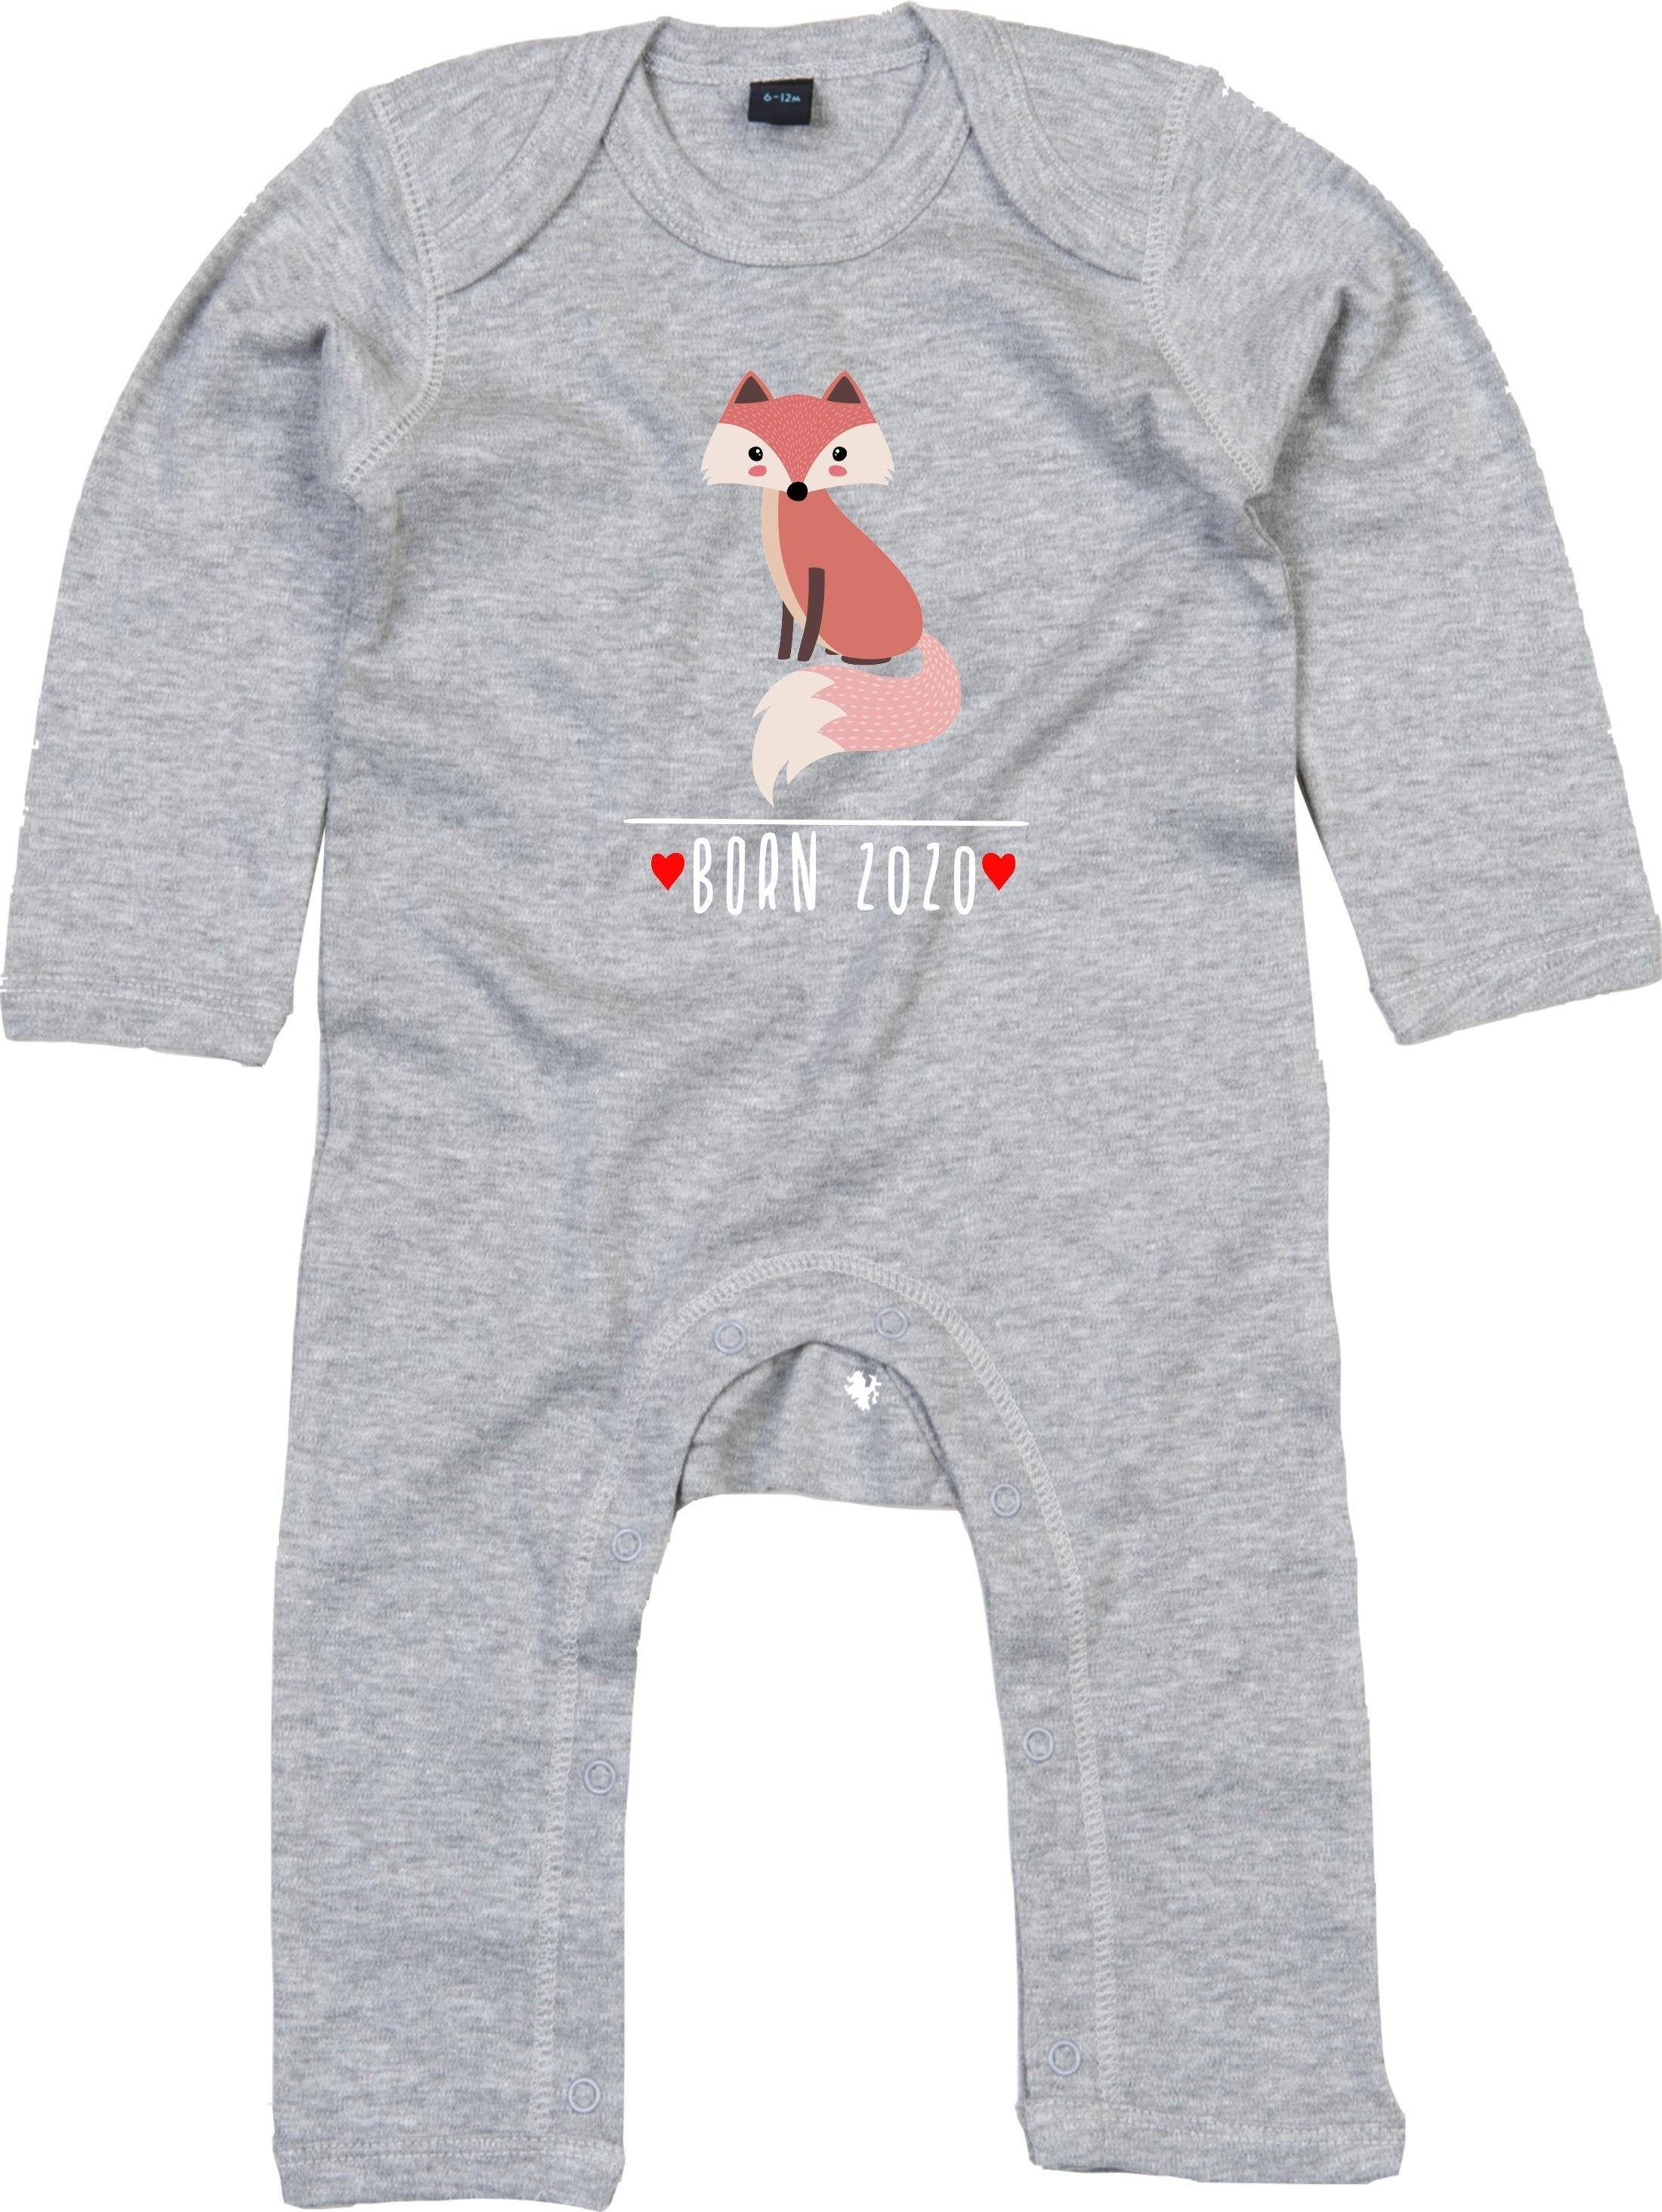 Kleckerliese Baby Schlafanzug Strampler Schlafstrampler Spr/üche Jungen M/ädchen Motiv Prinzessin in Ausbildung